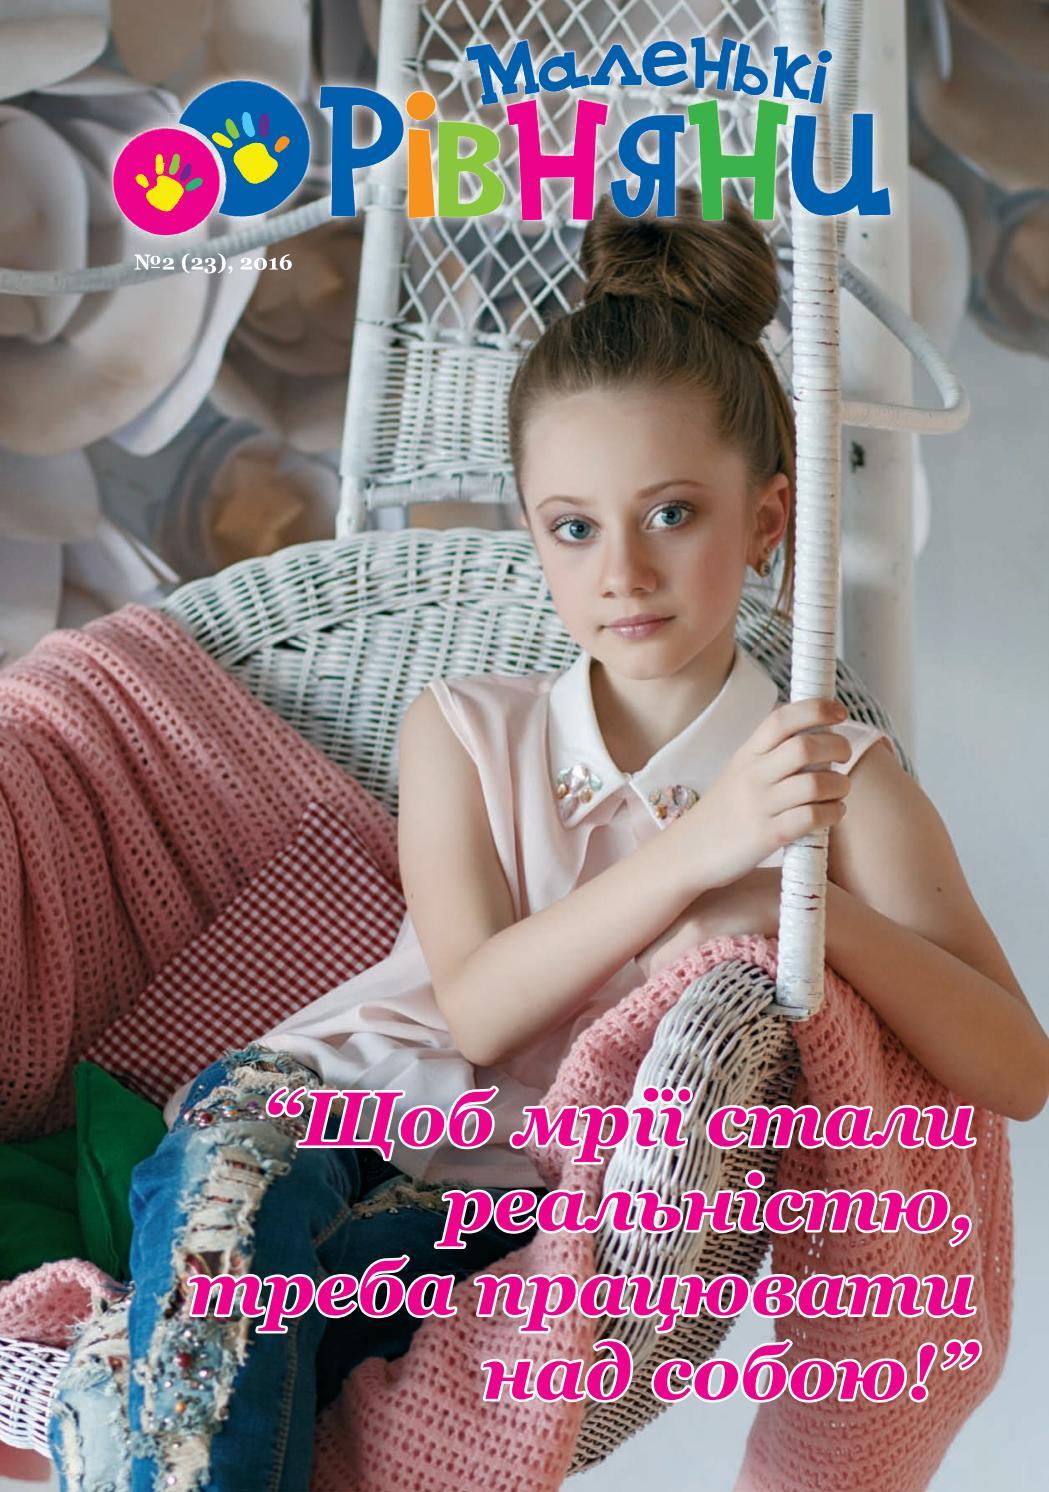 журнал elle girl jrnz hm 2011